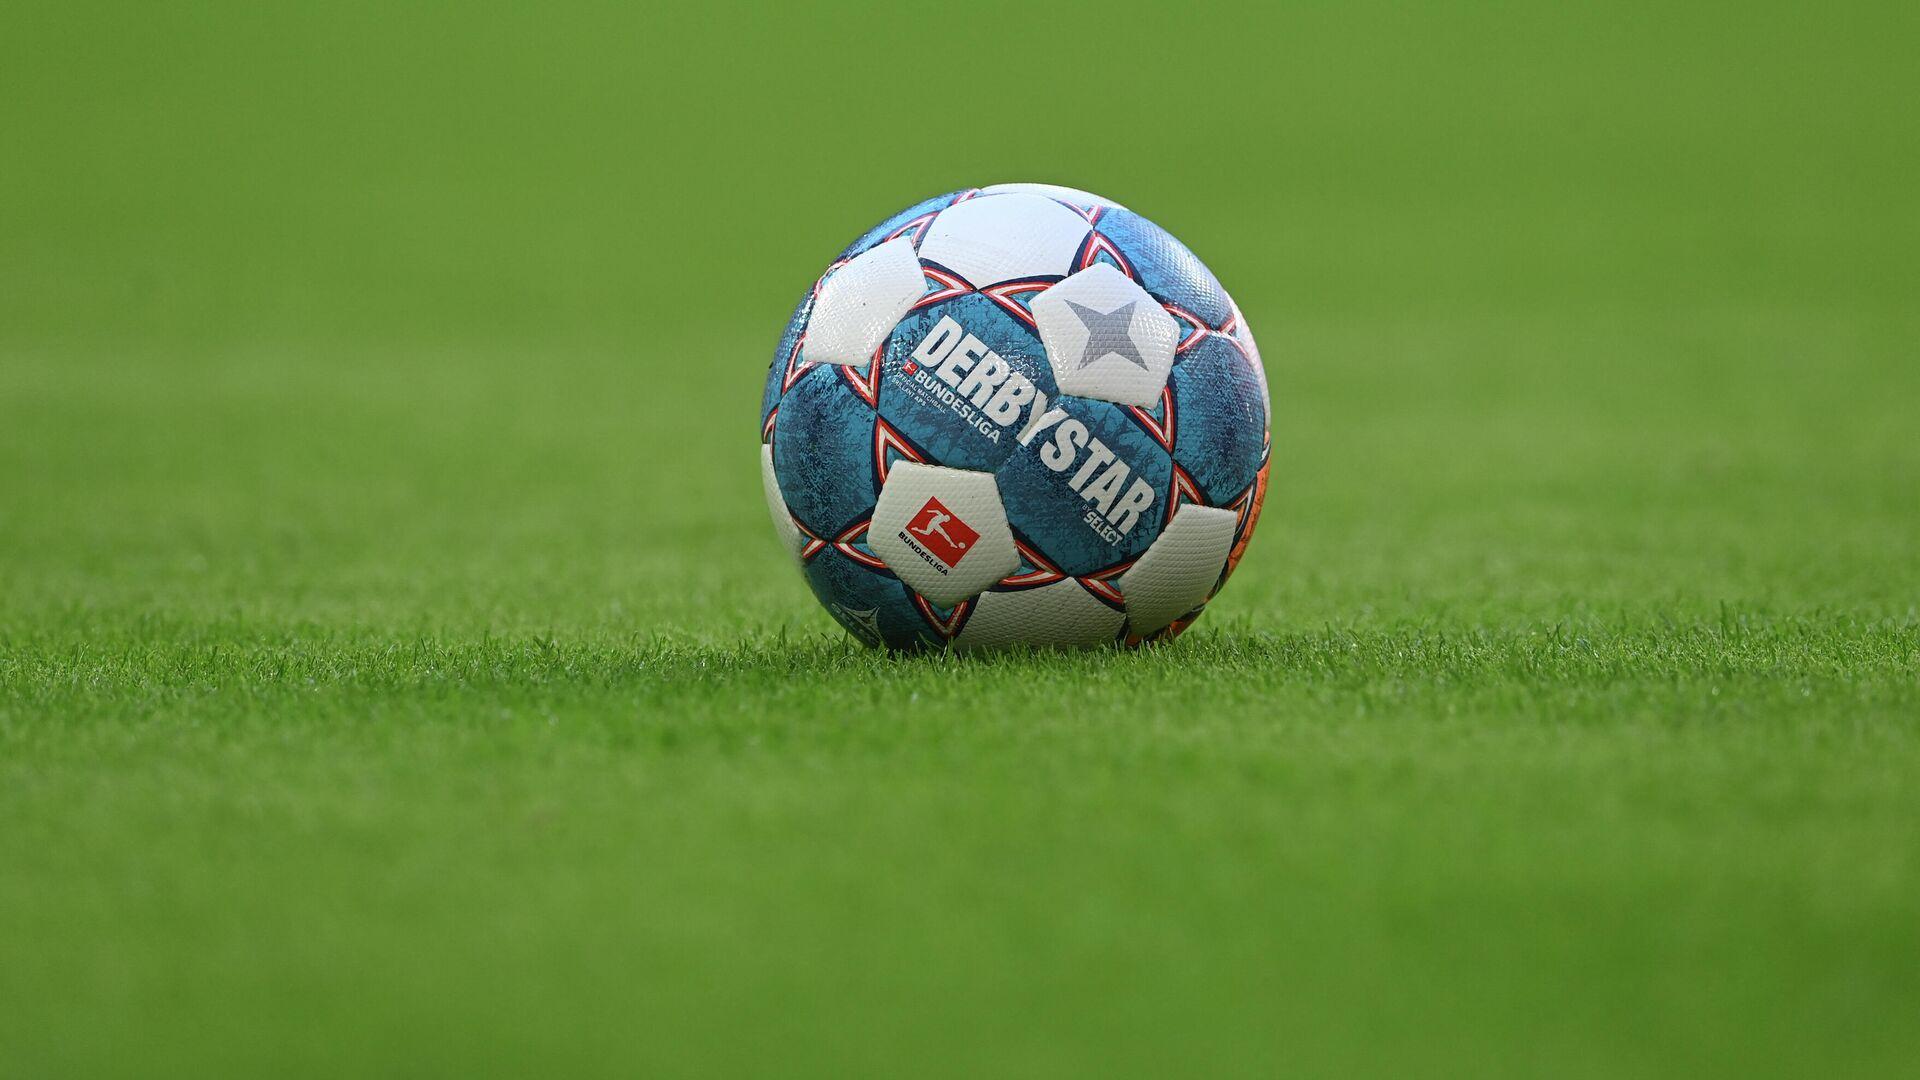 Μπάλα ποδοσφαίρου Bundesliga - Sputnik Ελλάδα, 1920, 12.10.2021